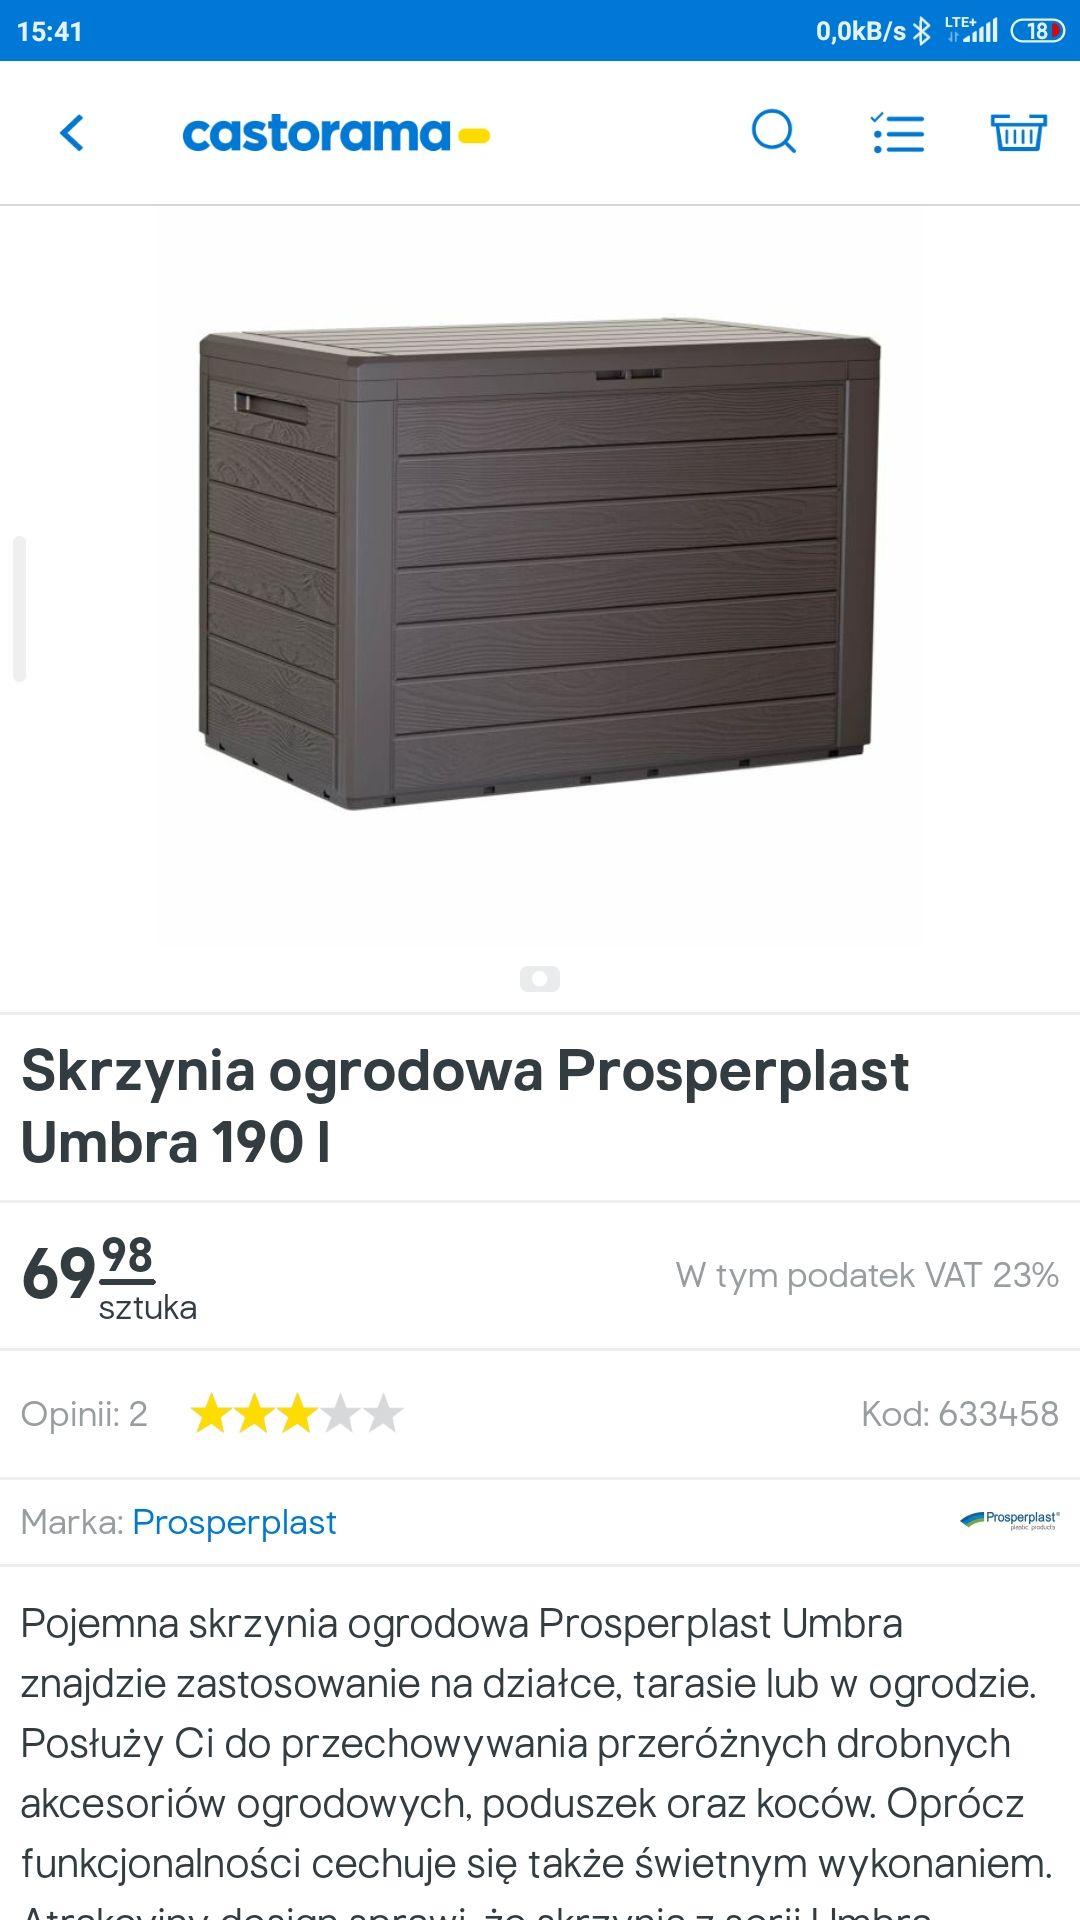 Skrzynia ogrodowa prosperplast 190l Castorama